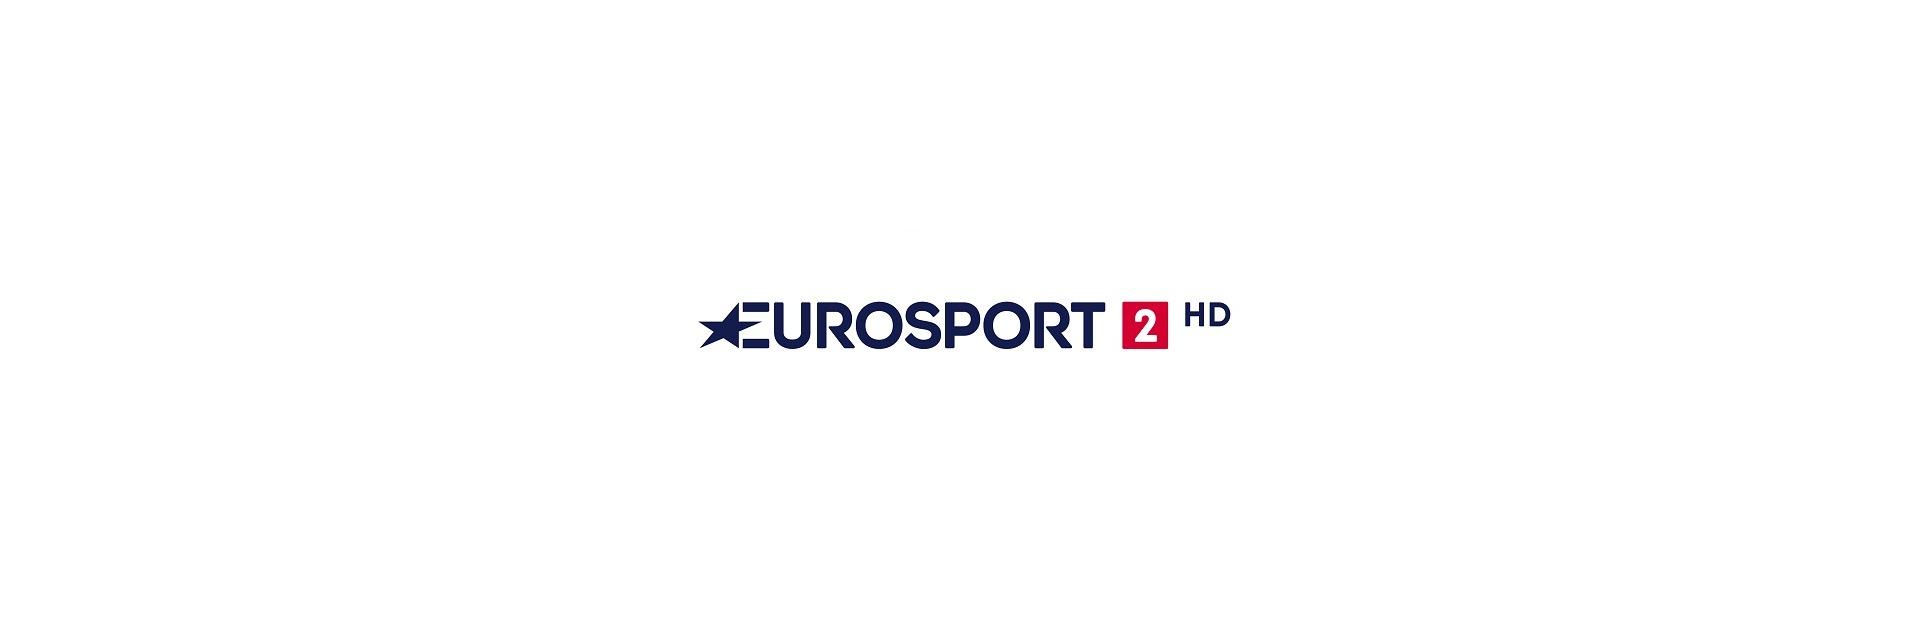 Ramówka Eurosport 2